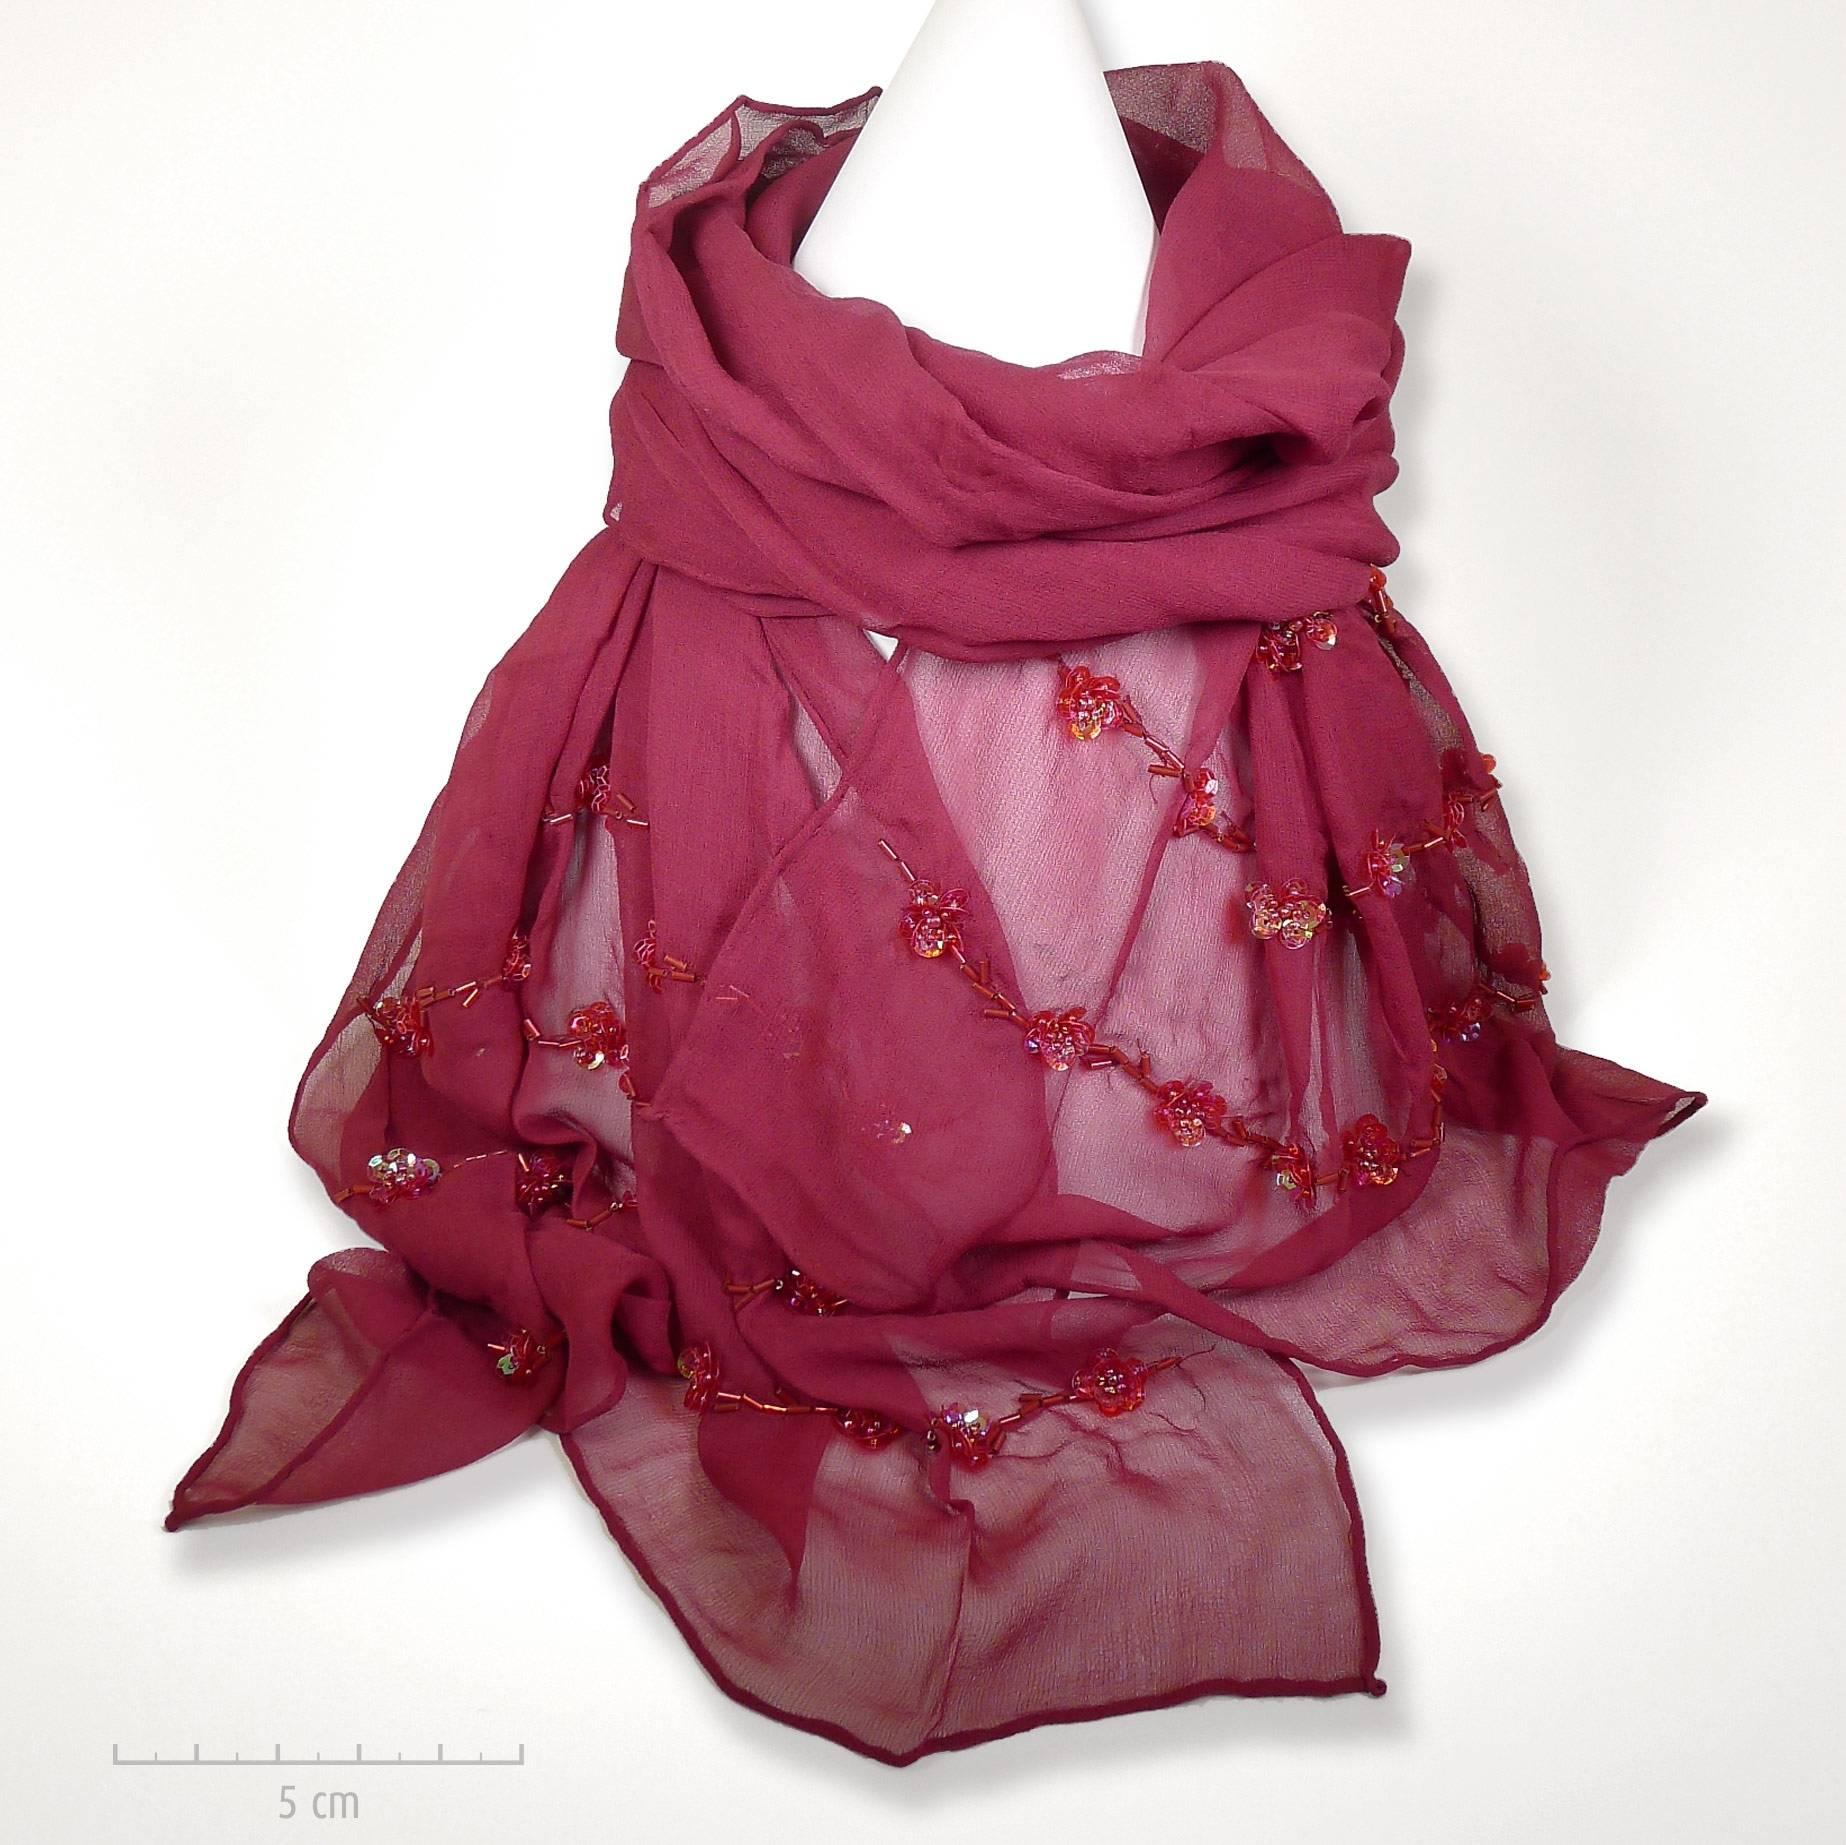 14932f9d7511 Étole Zor 100% crêpe de soie framboise rouge bordeaux. Foulard brodé de  petites paillettes